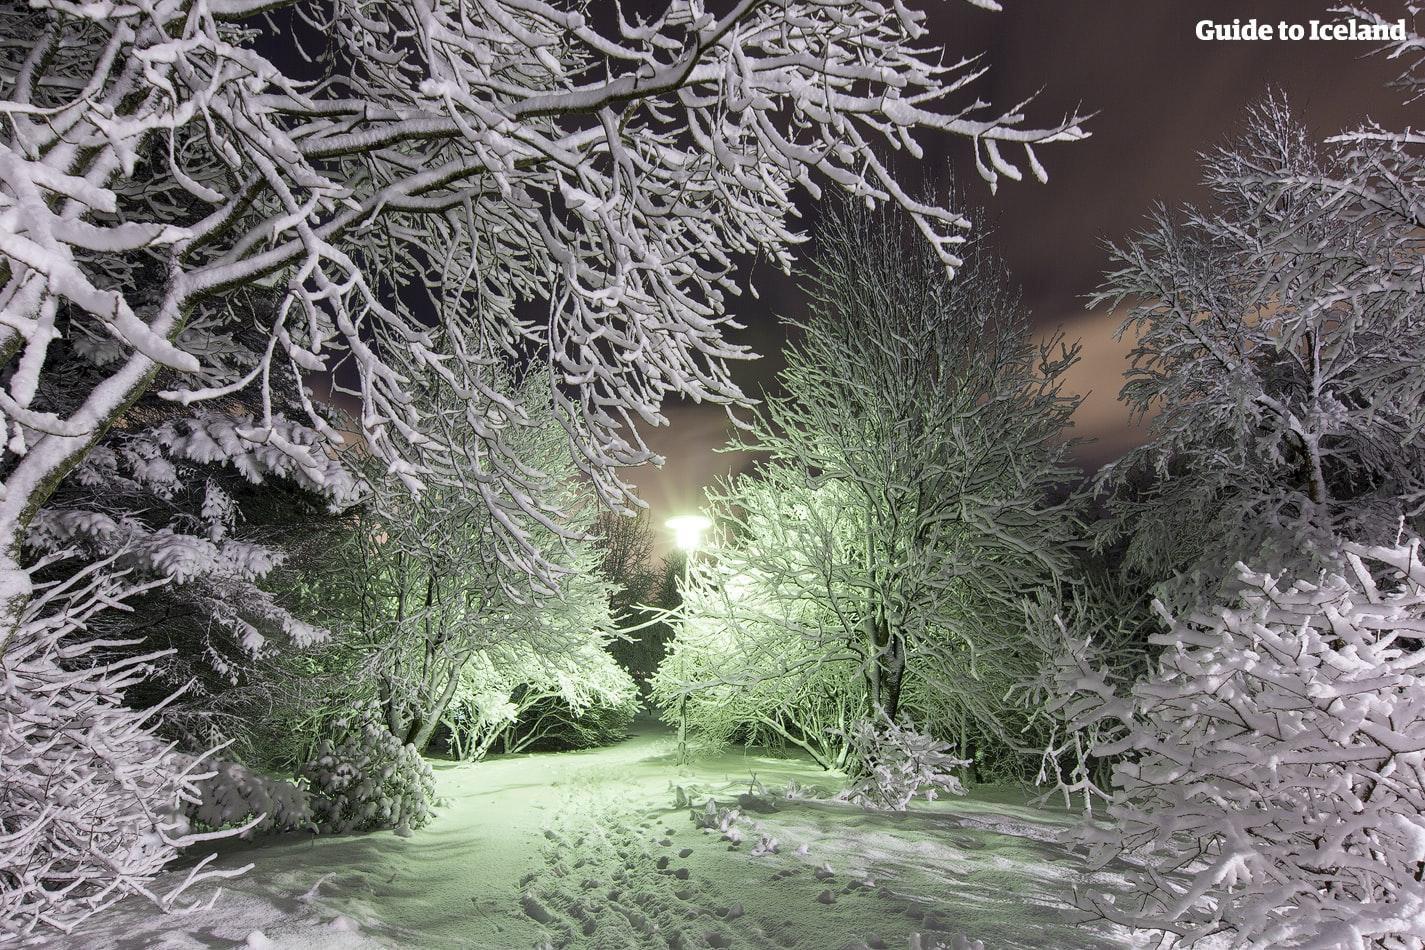 겨울이 찾아와 마법의 세계로 변한 레이캬비크의 라우가르달뤼르 지역.